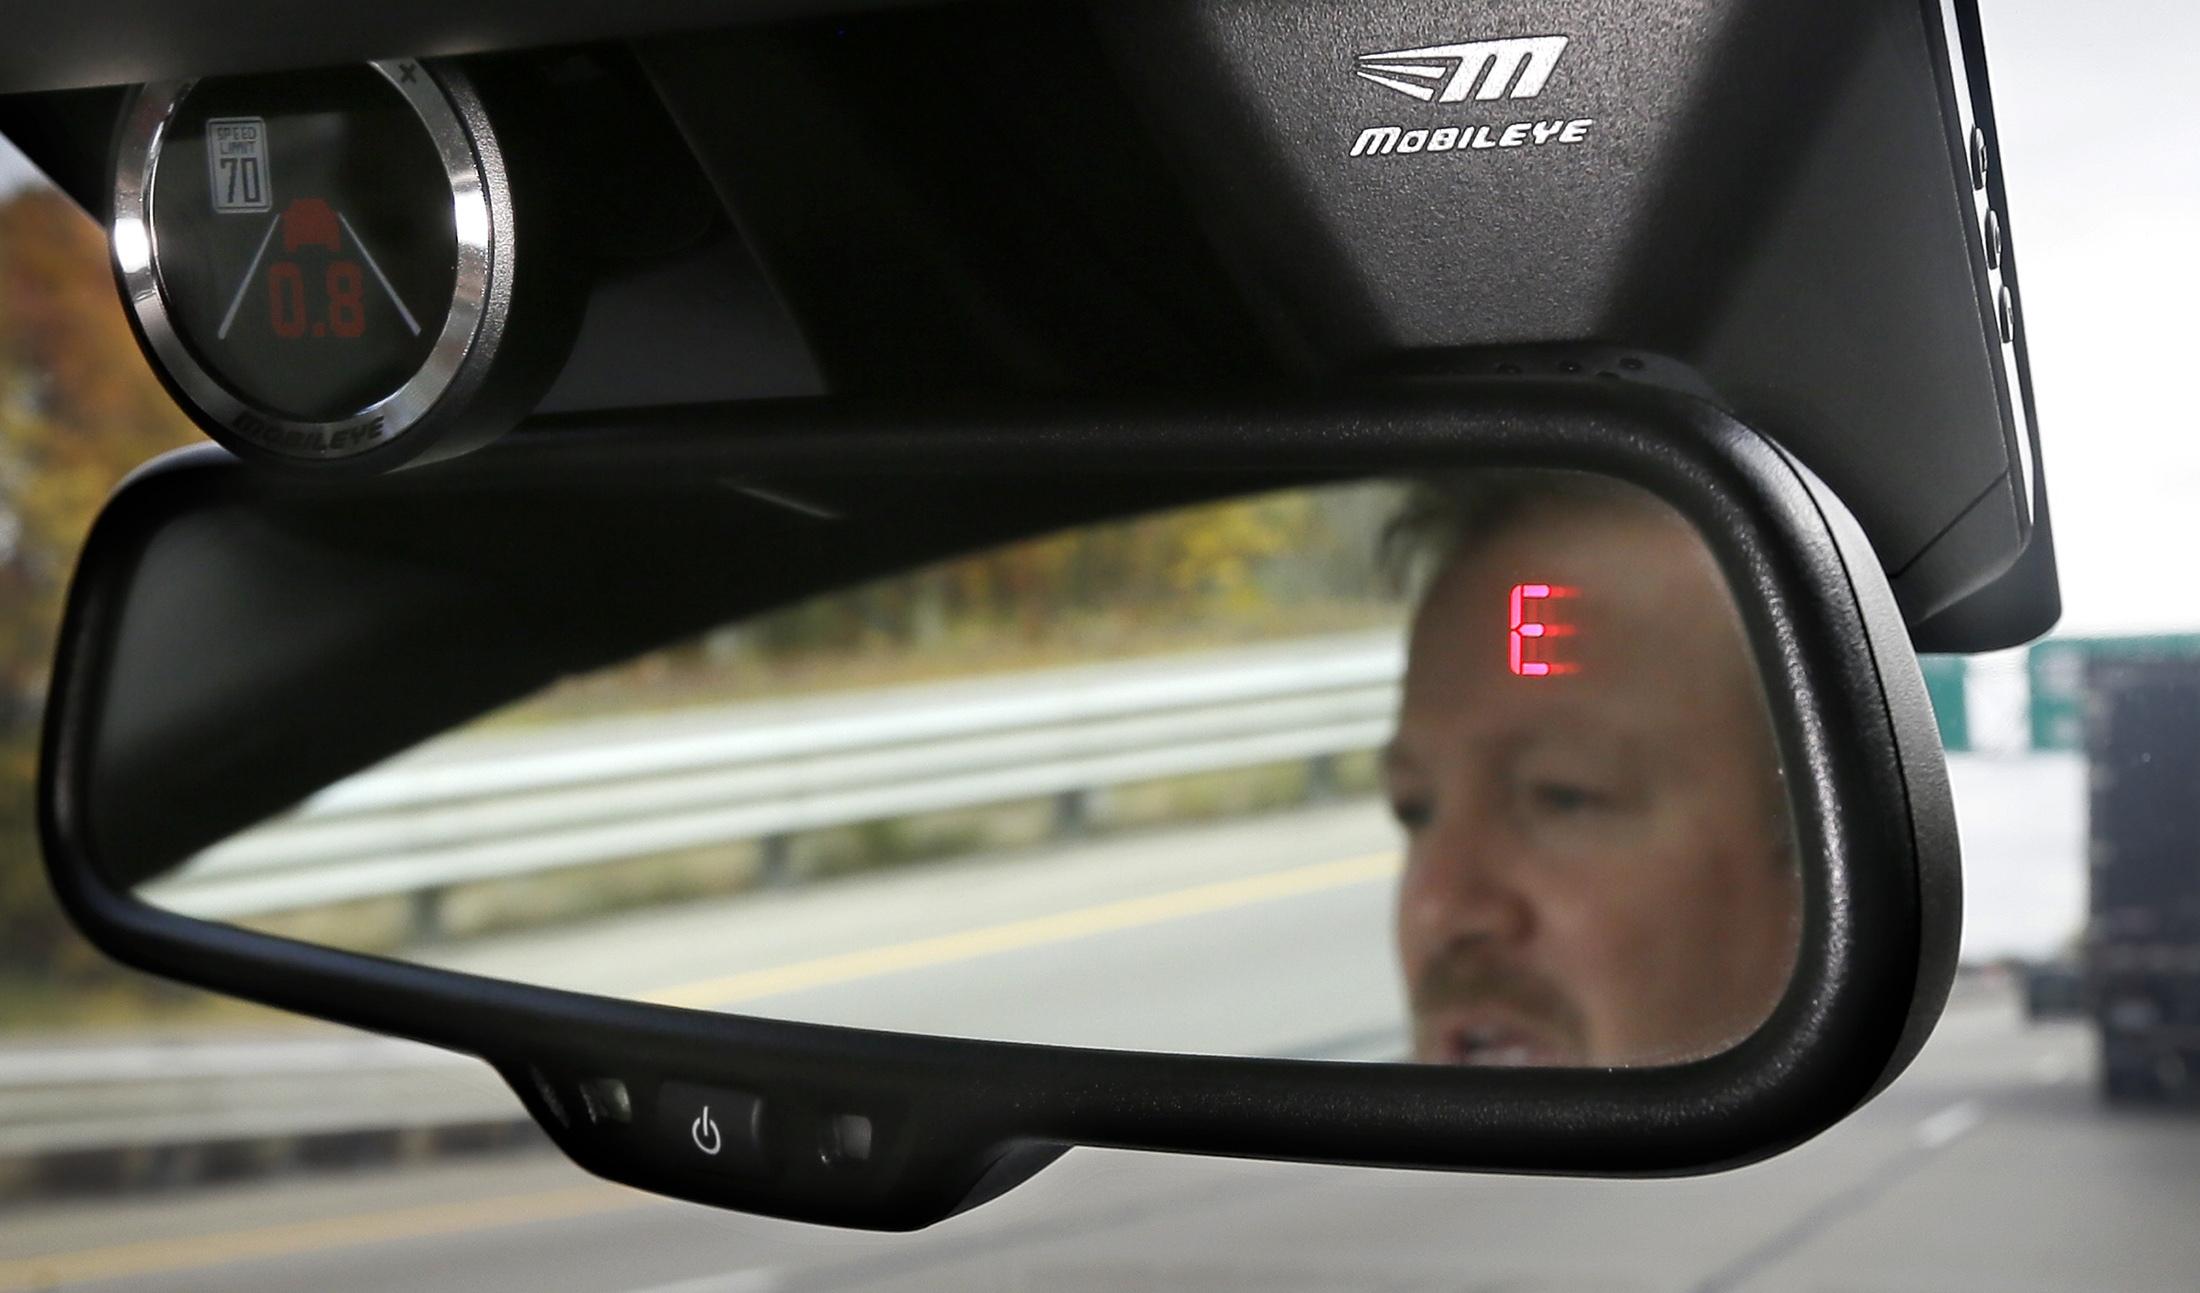 Mobileye и Here объединяют технологии для беспилотных автомобилей